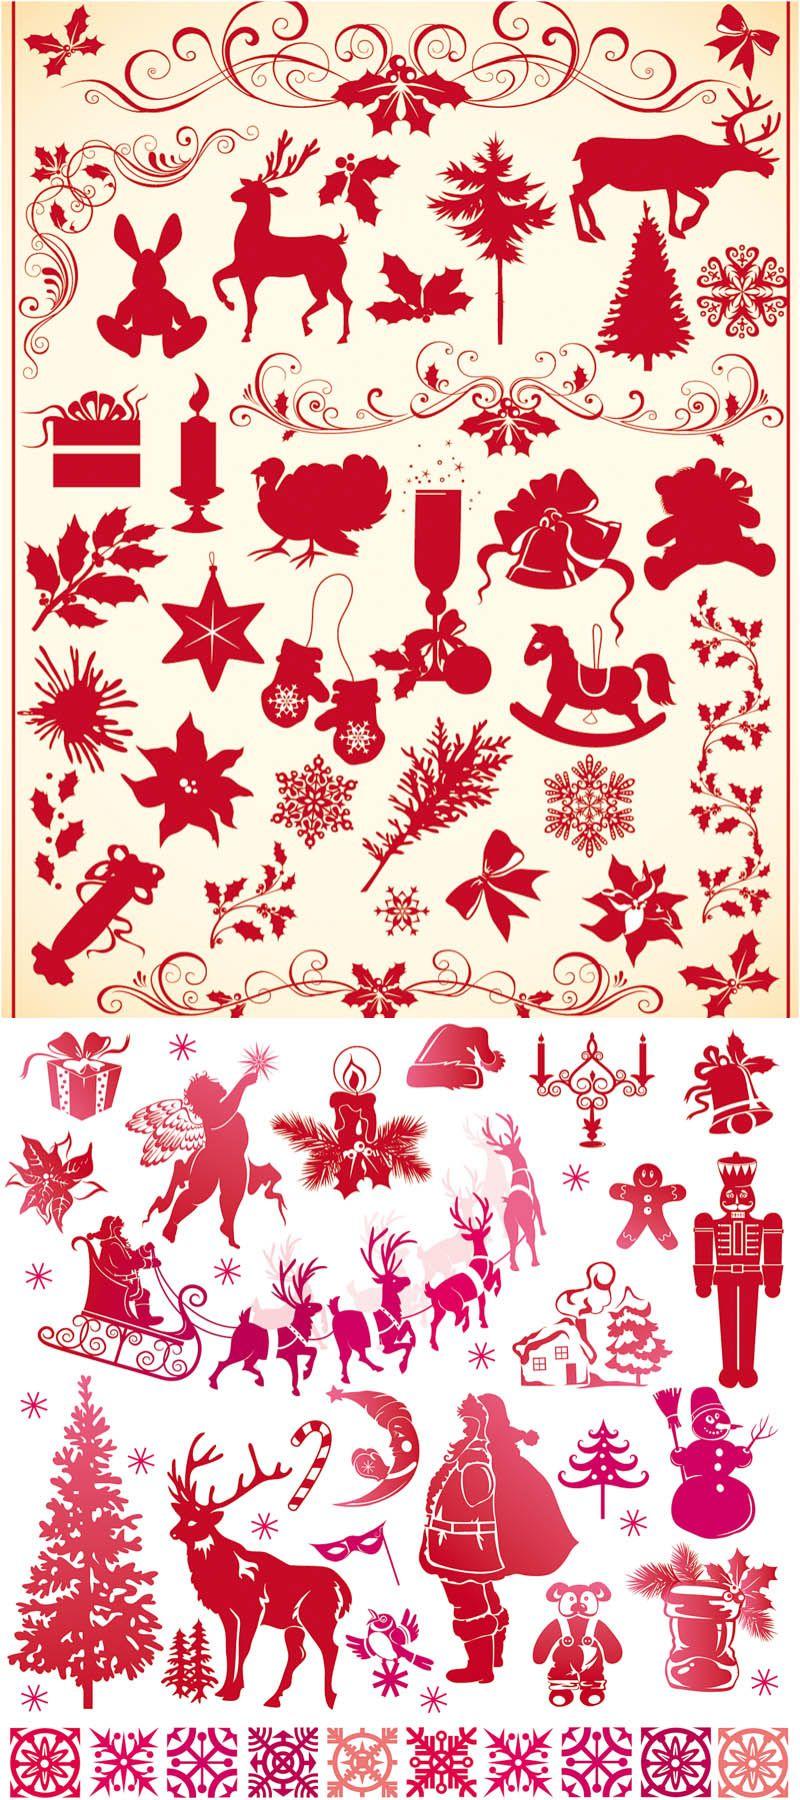 Christmas decor ornaments vector scroll saw ideas pinterest